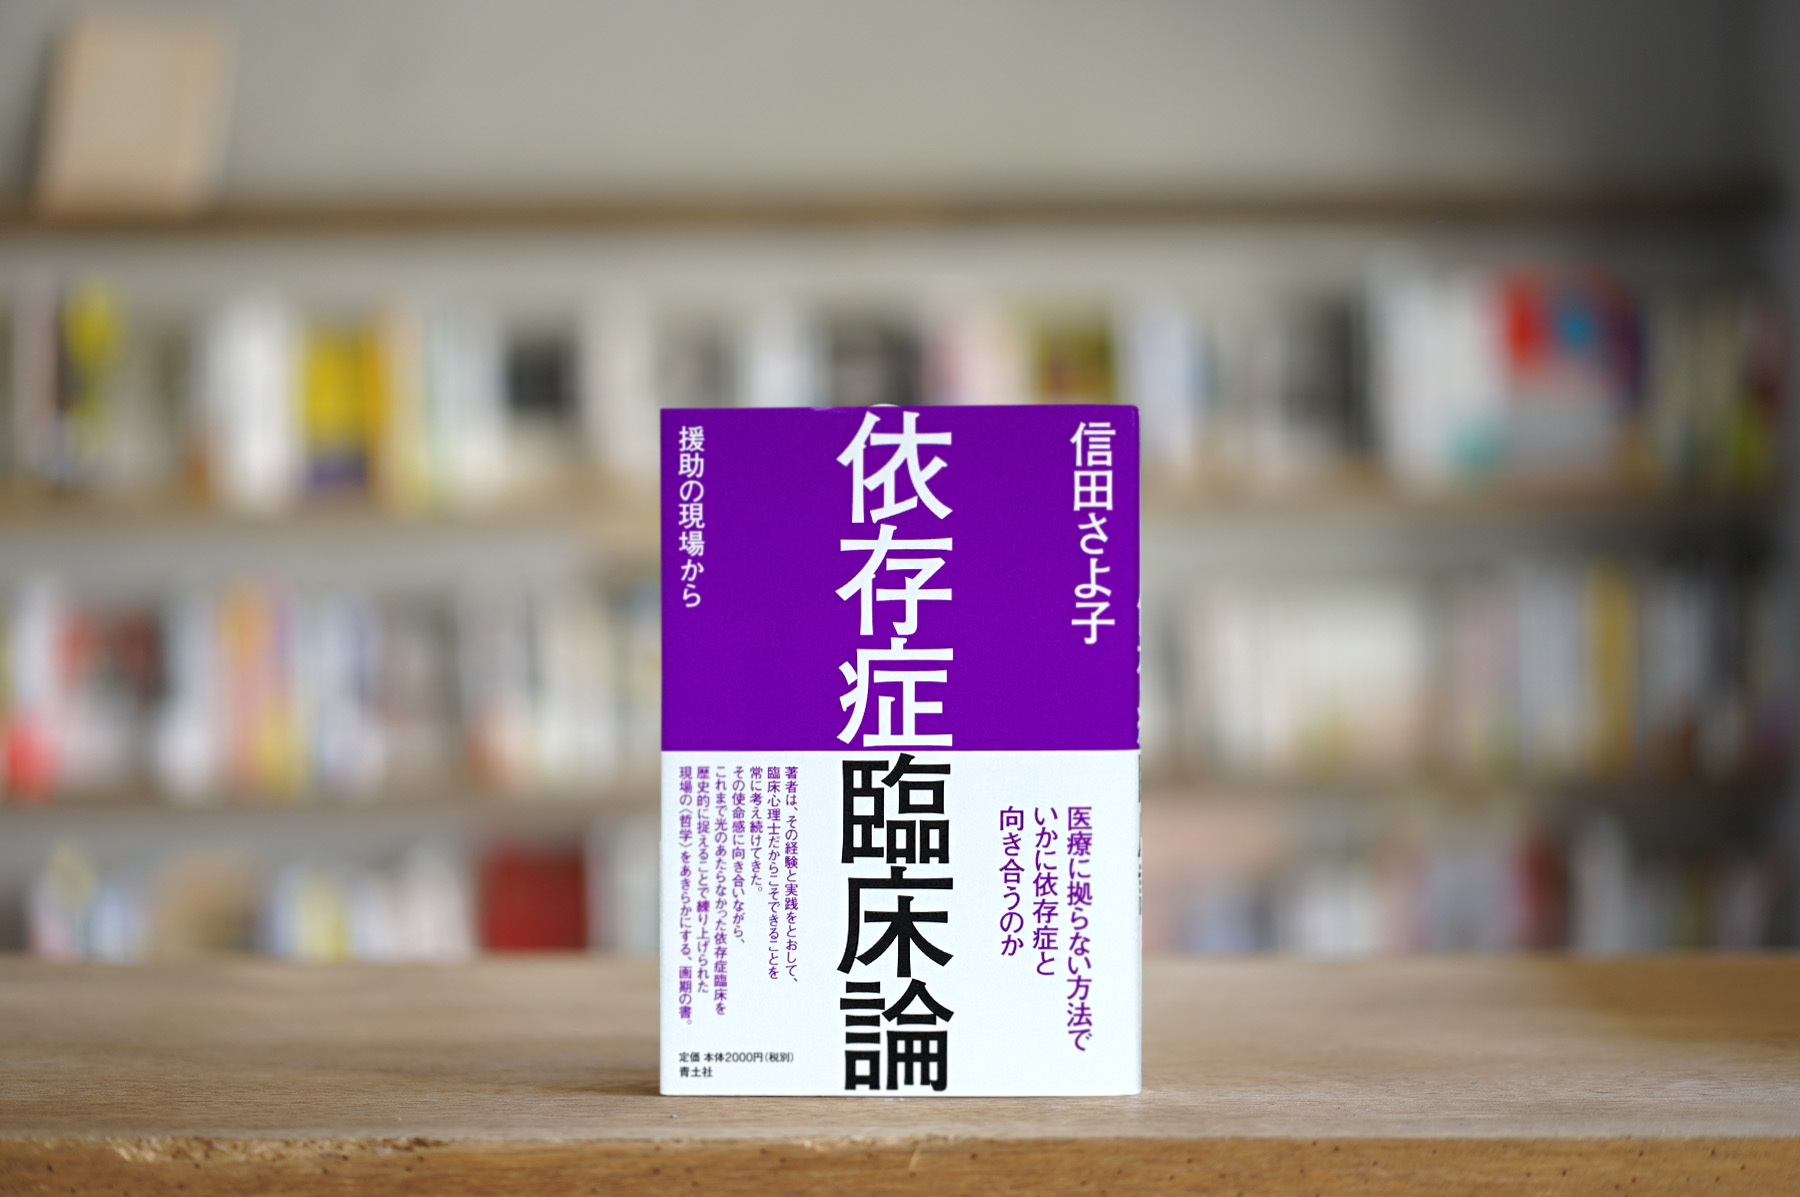 信田さよ子 『依存症臨床論 援助の現場から』 (青土社、2014)